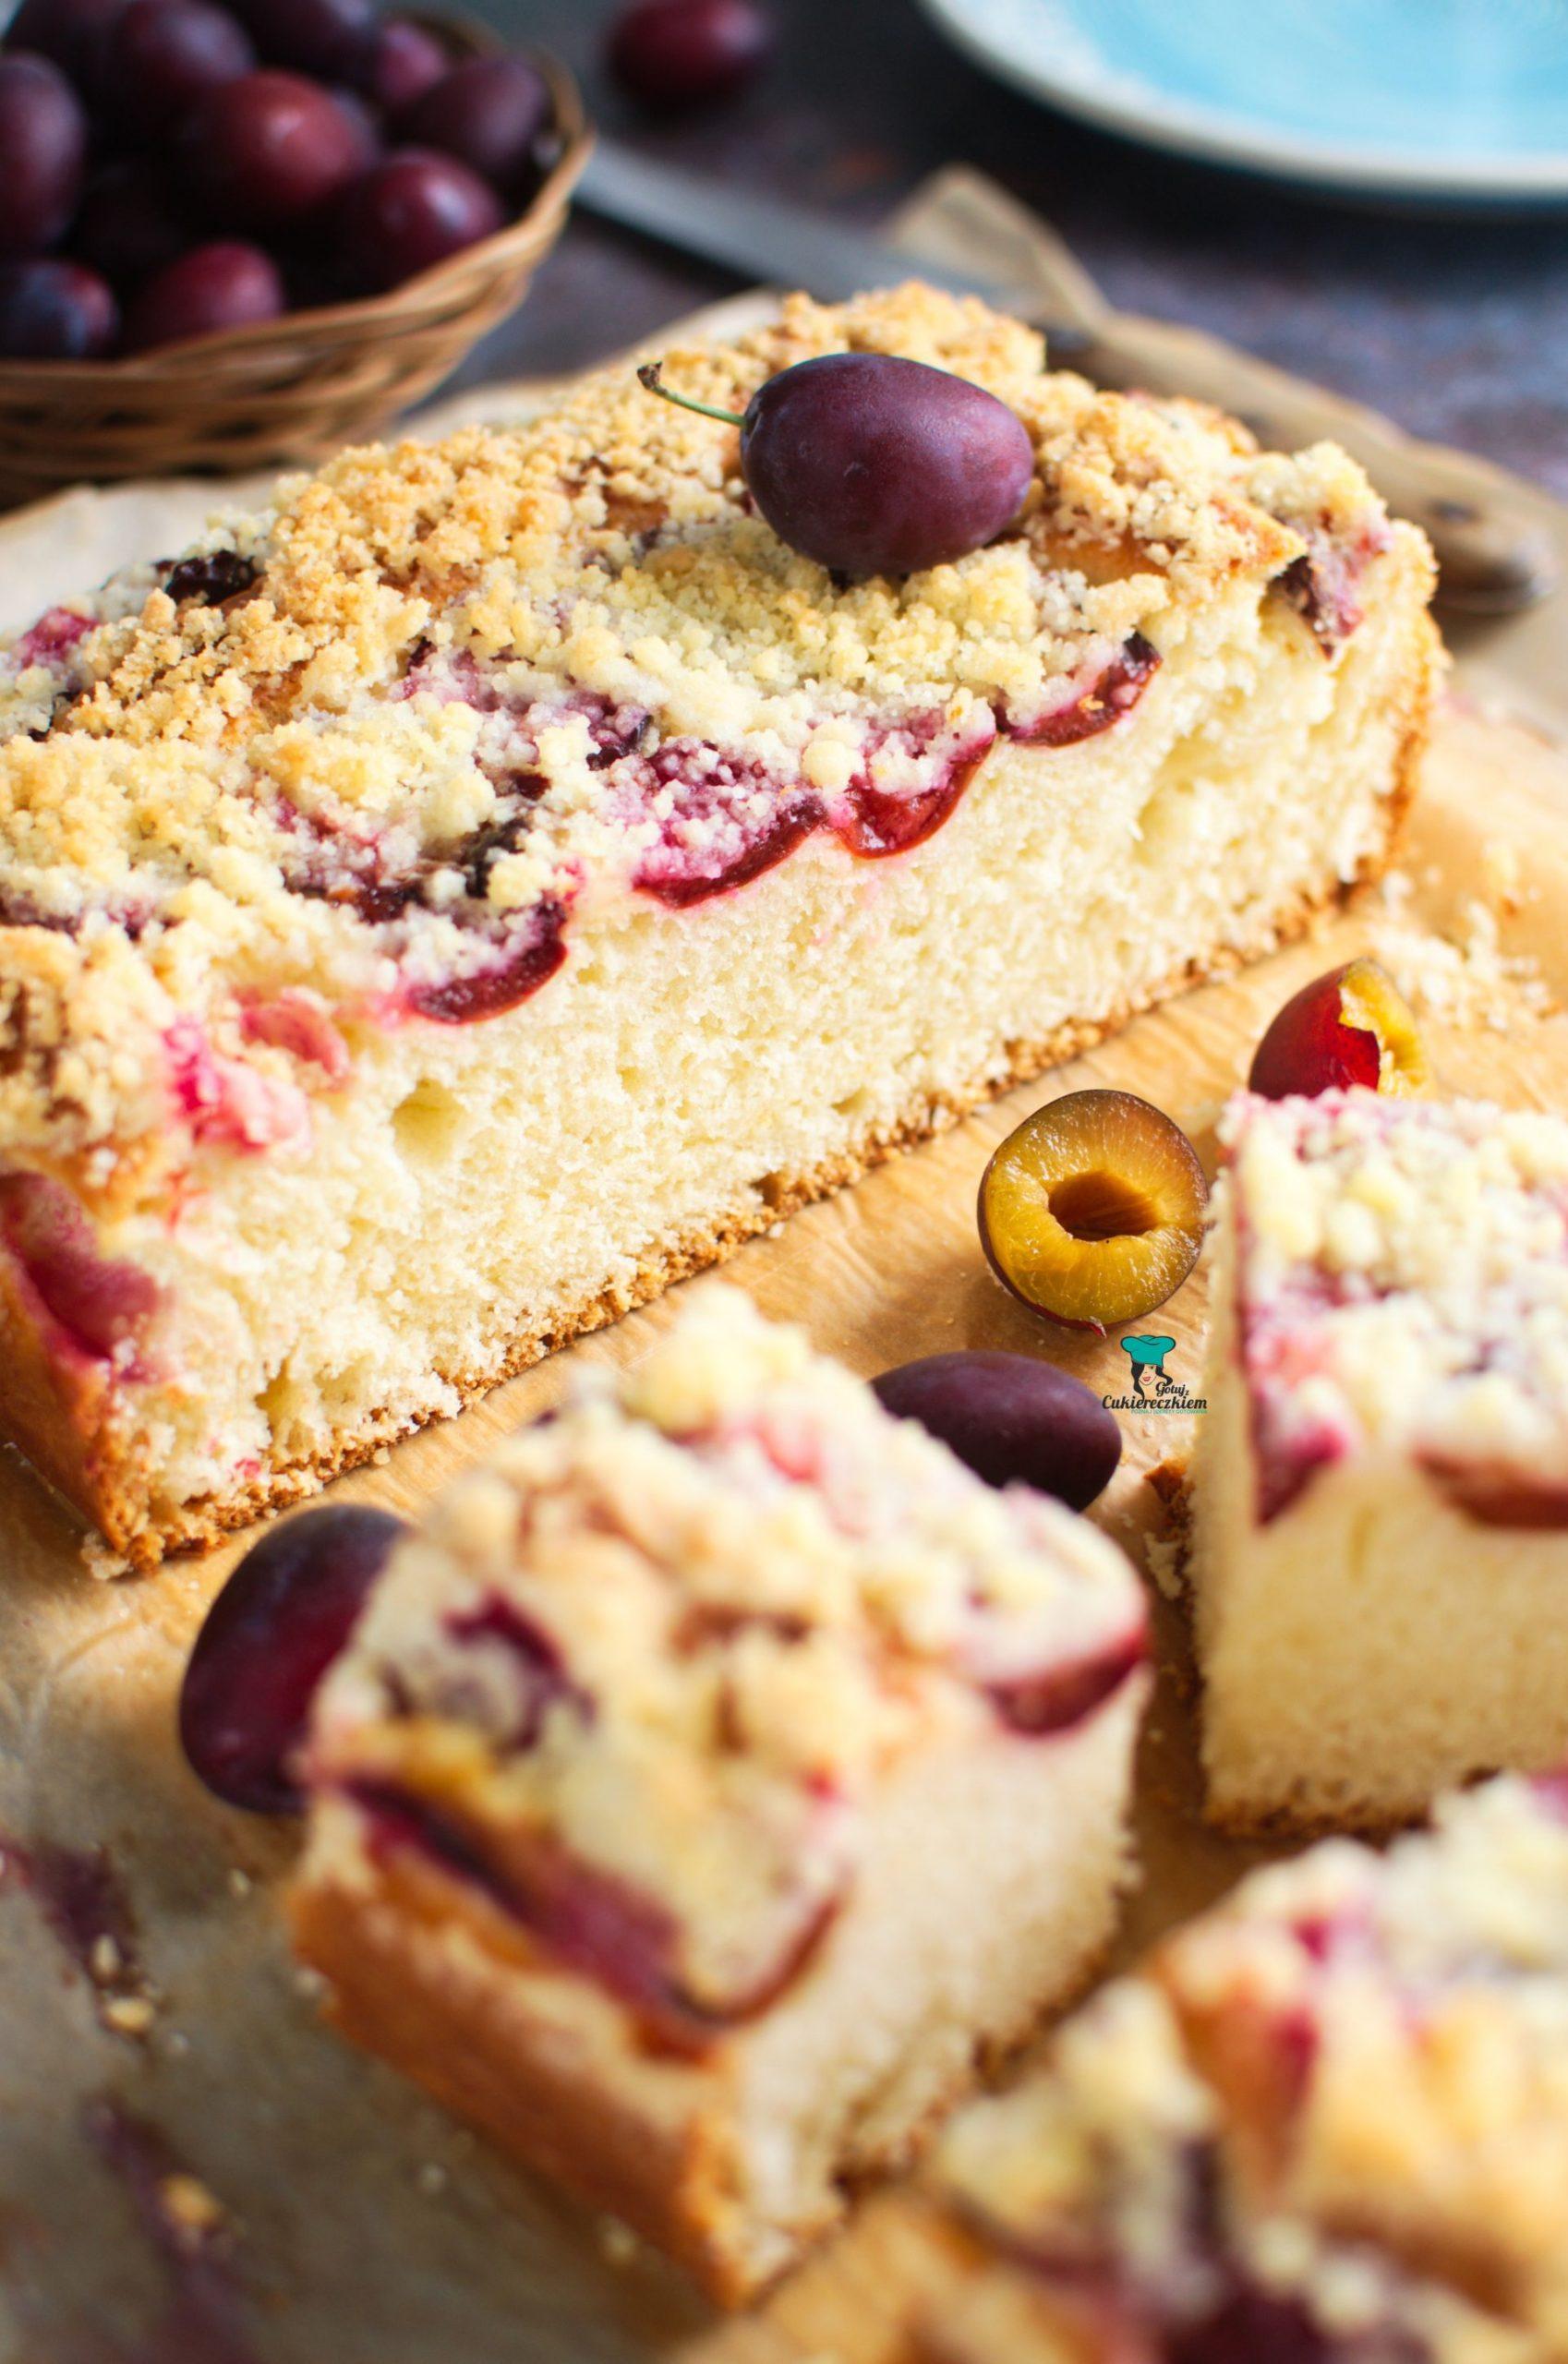 Maślankowe ciasto drożdżowe ze śliwkami i kruszonką